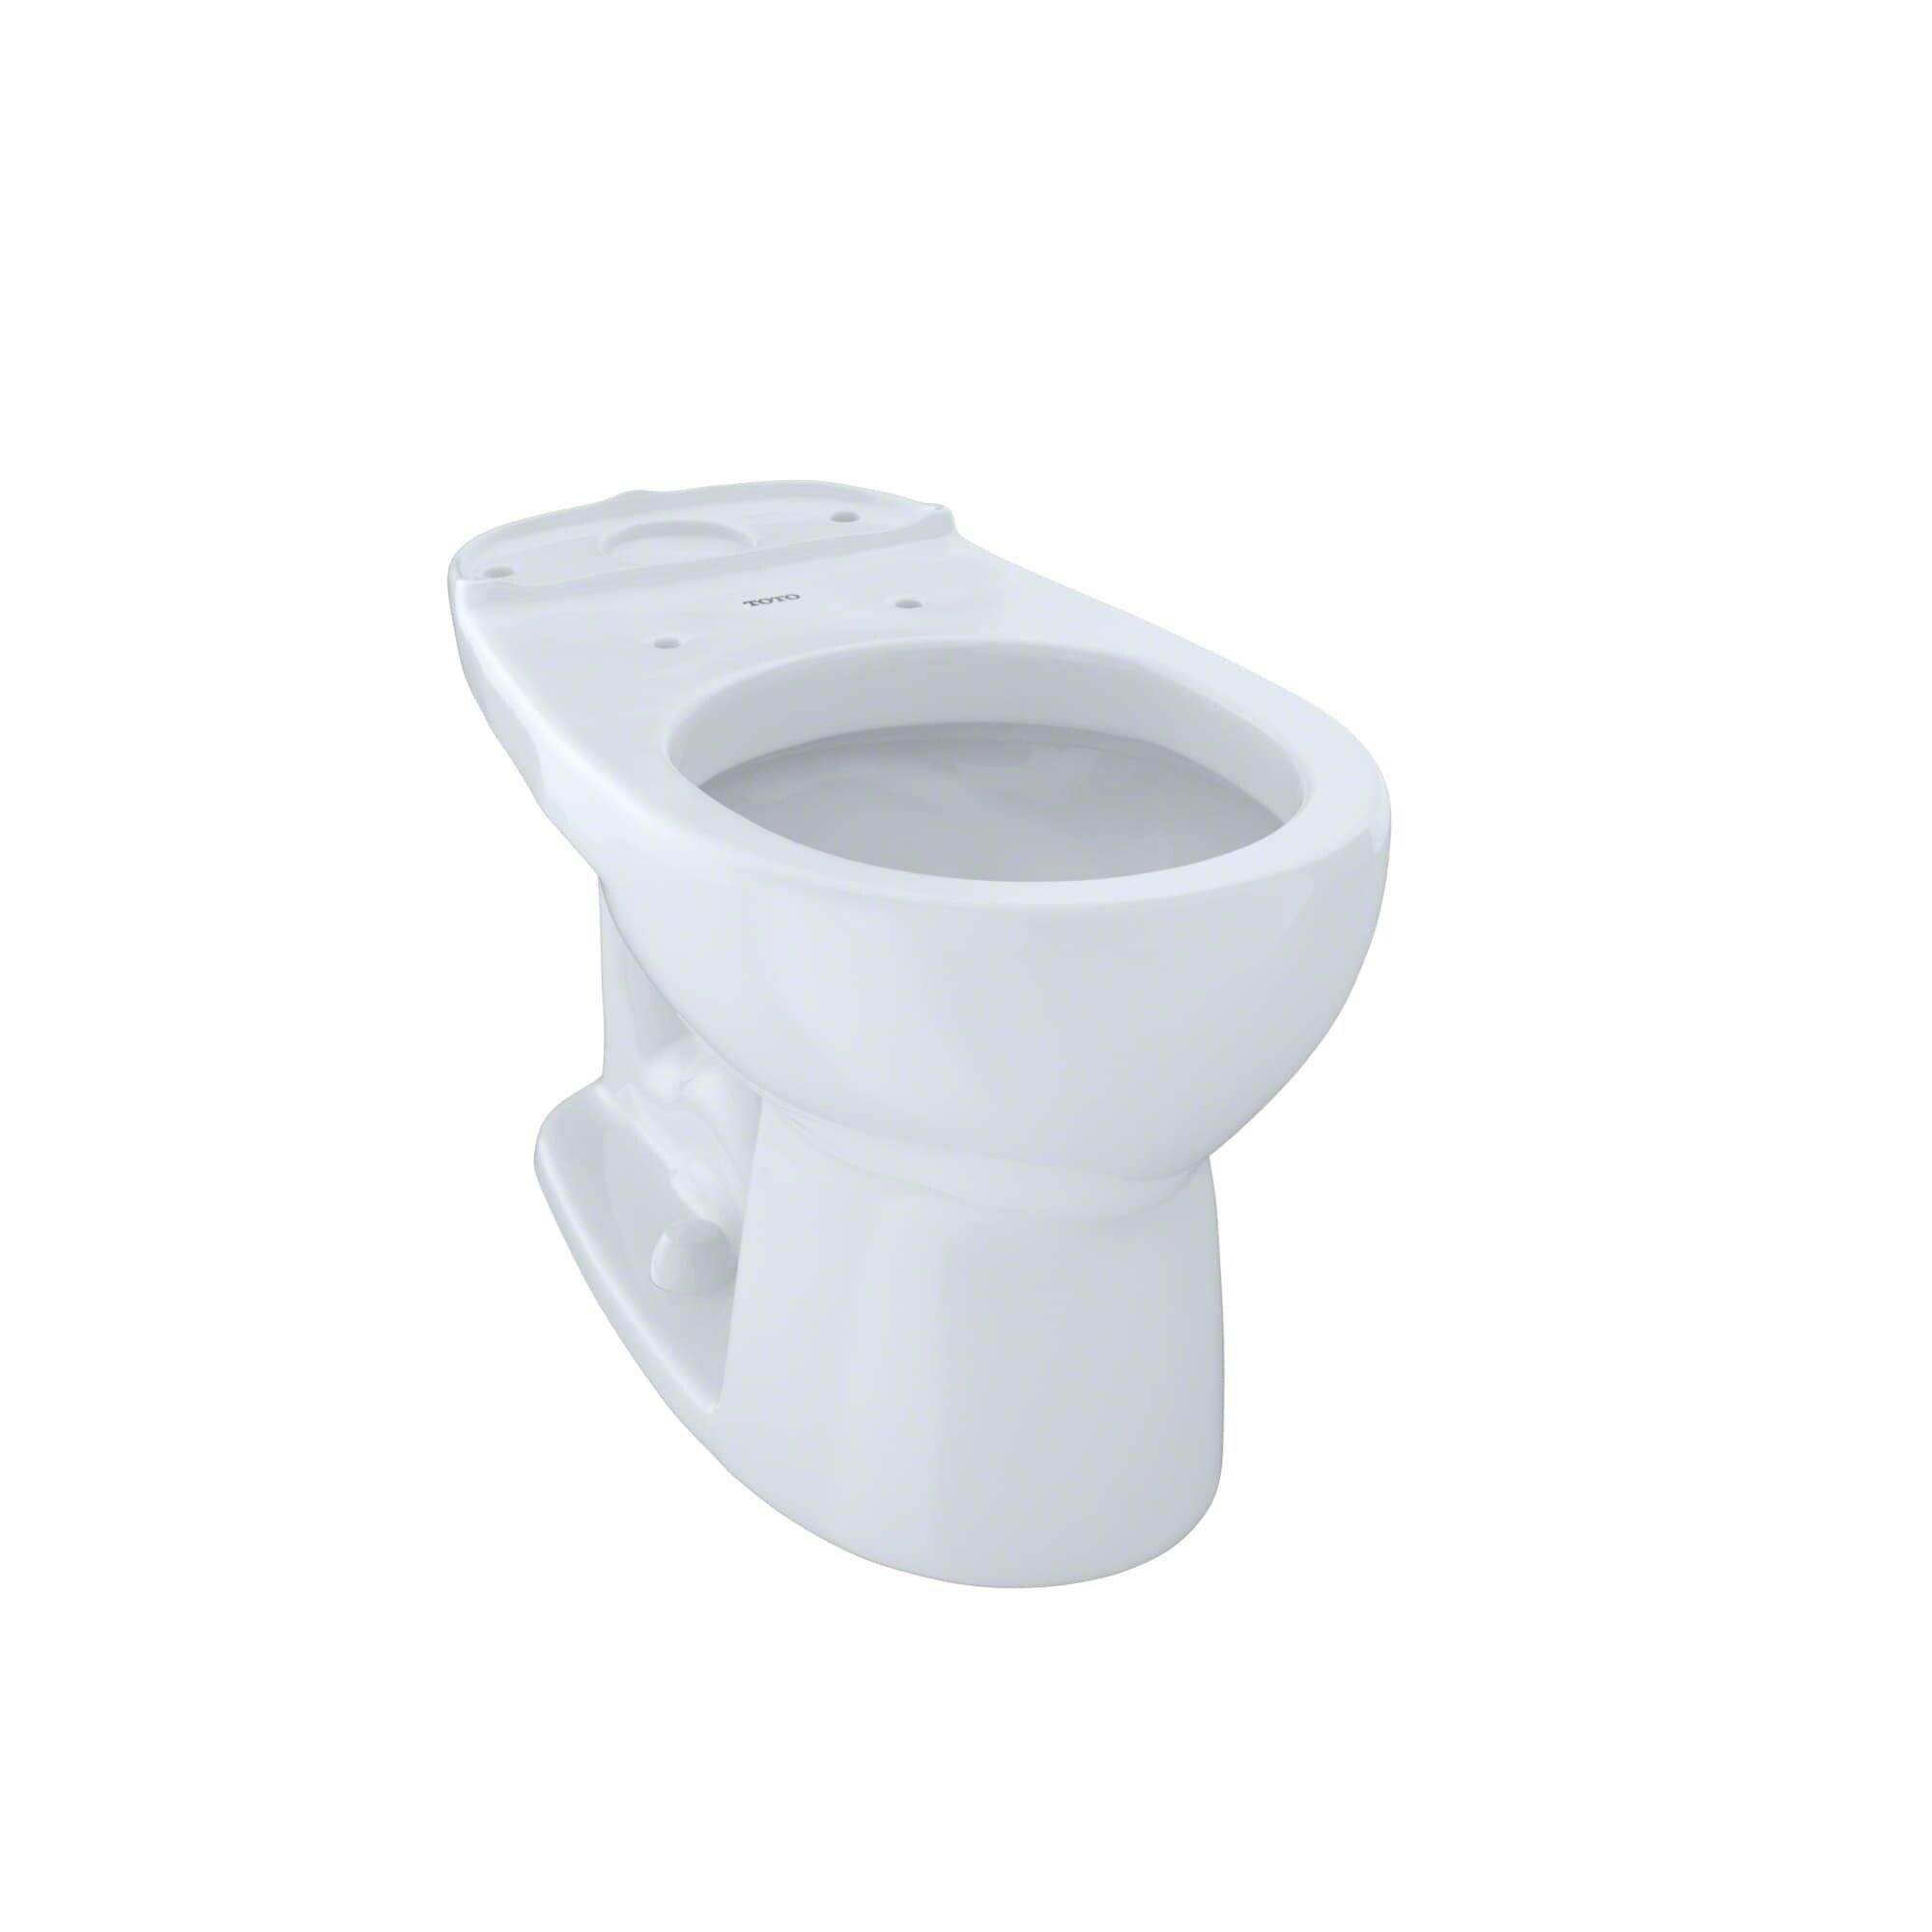 Shop Toto Drake Round Cotton White 1.28-GPF Eco Toilet Bowl - Free ...